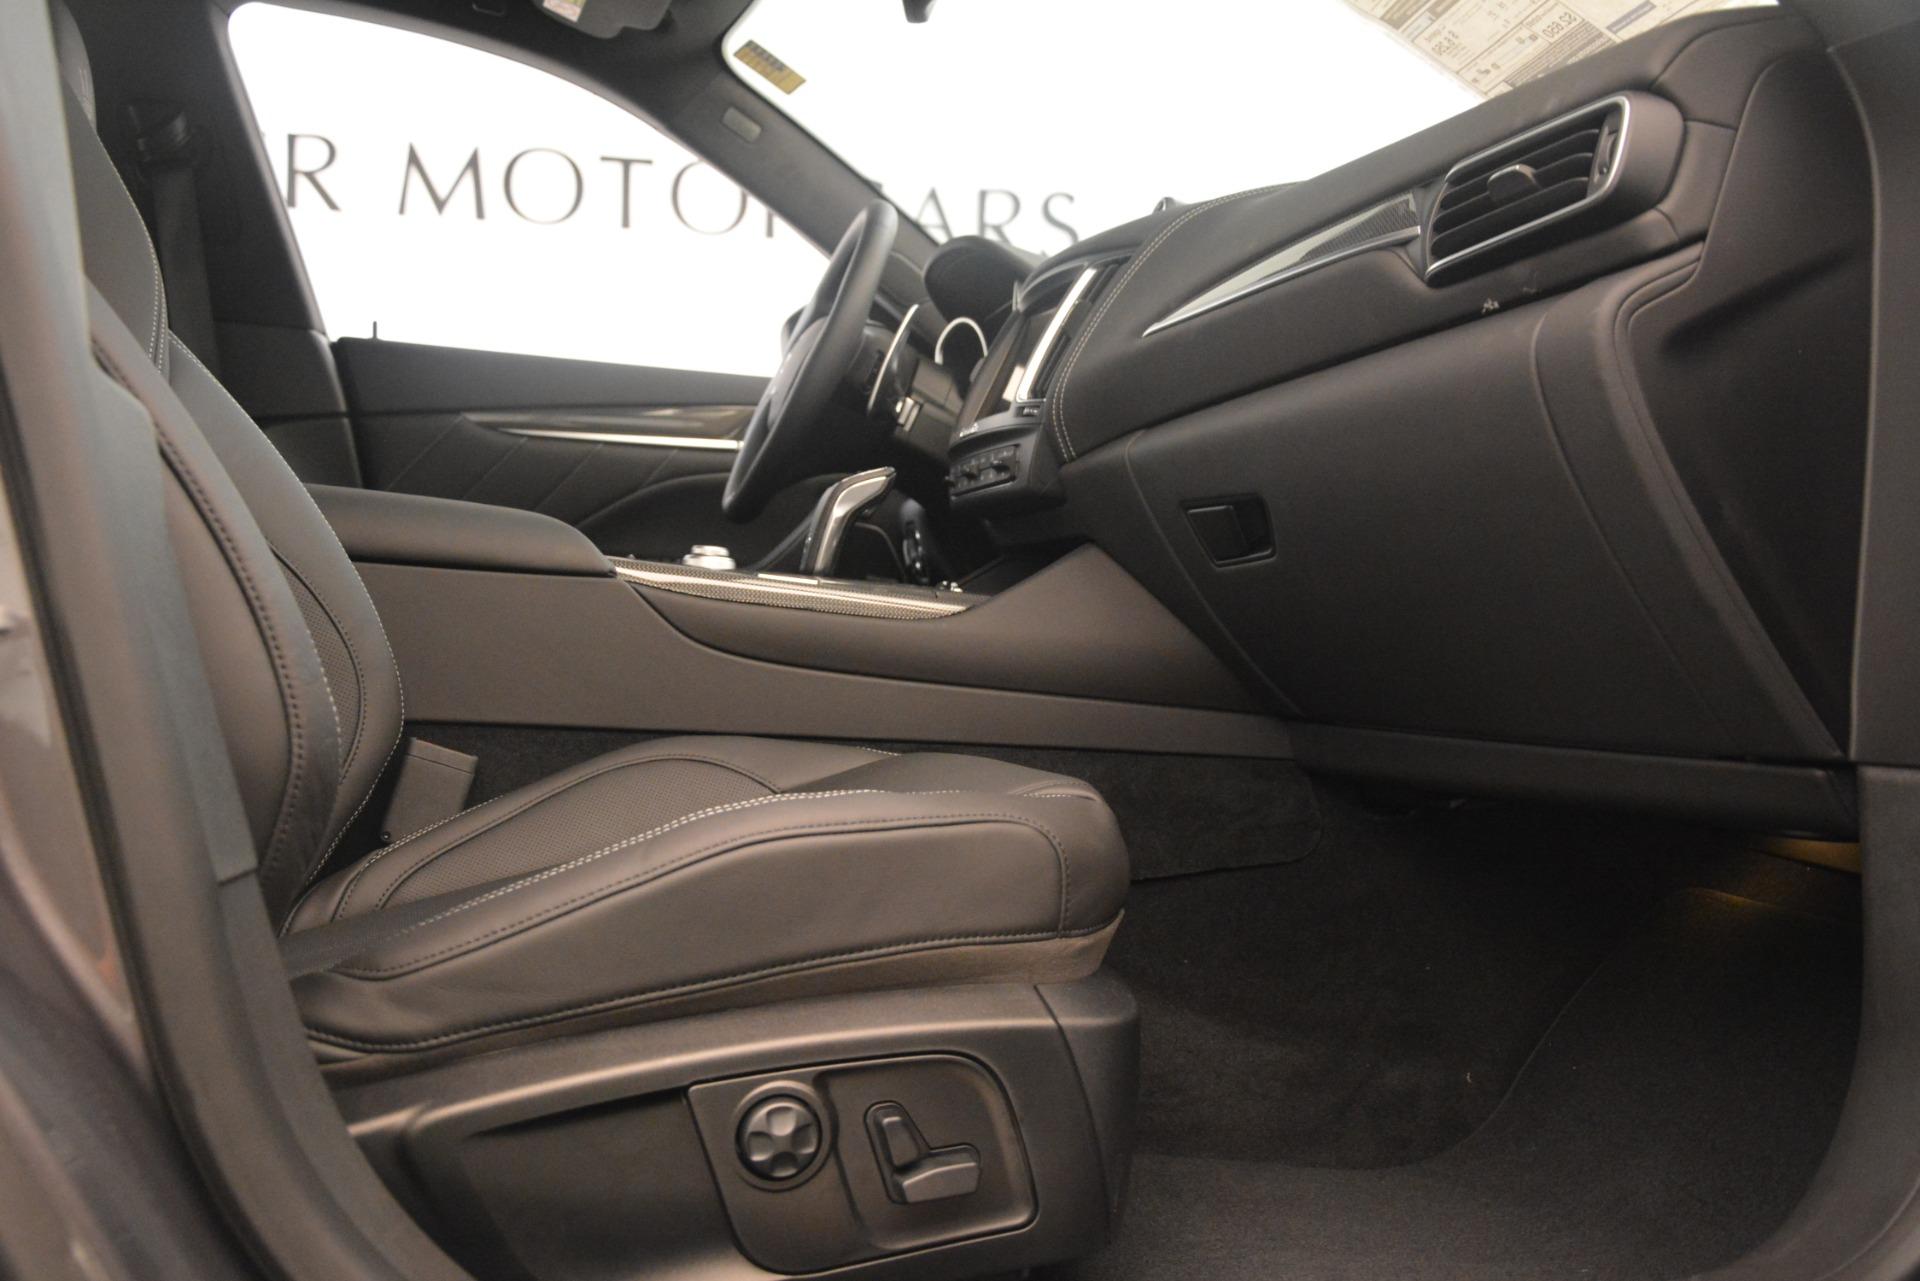 New 2019 Maserati Levante S Q4 GranSport For Sale In Westport, CT 3151_p23